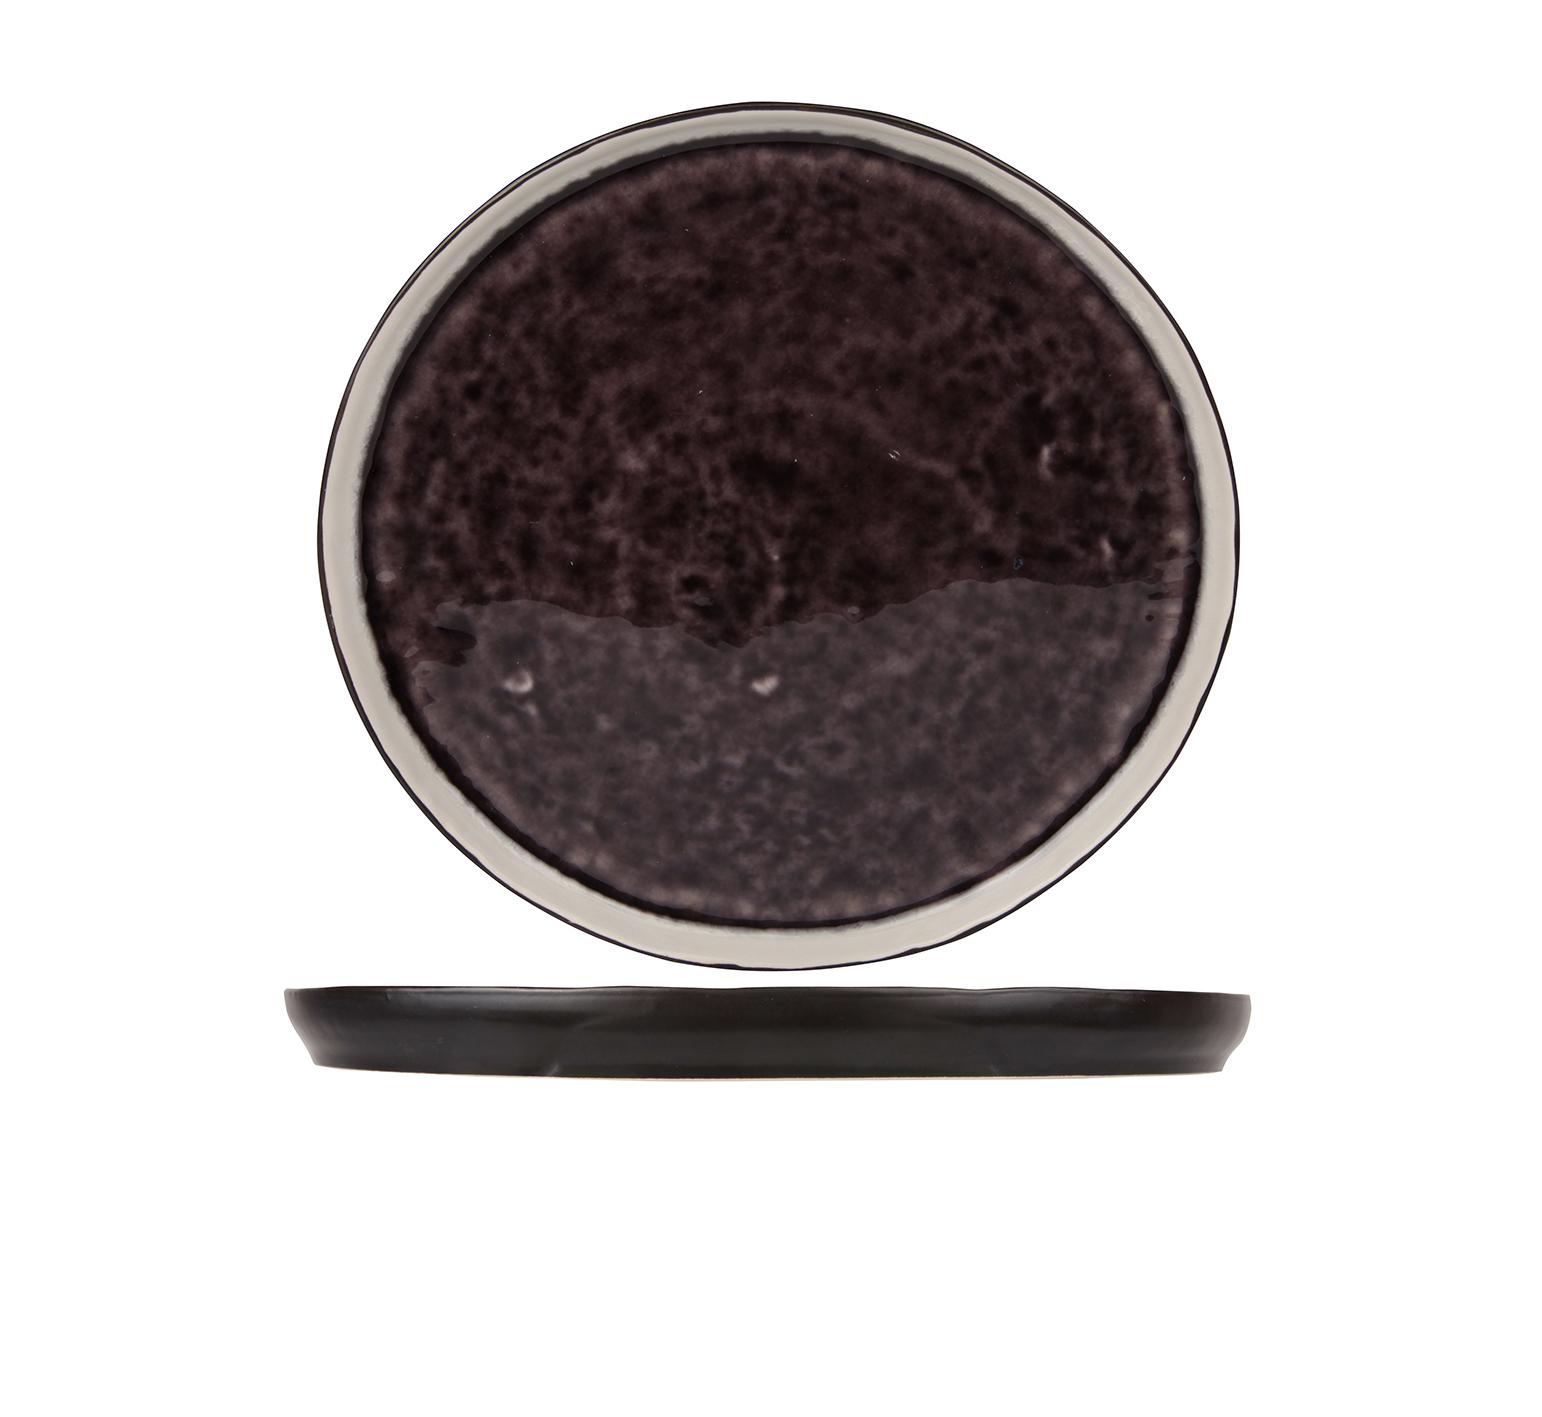 Тарелка для десерта 21,5 см COSY&amp;TRENDY Laguna viola 4290730Новинки<br>Тарелка для десерта 21,5 см COSY&amp;TRENDY Laguna viola 4290730<br><br>Эта коллекция из каменной керамики поражает удивительным цветом, текстурой и формой. Насыщенный темно-фиолетовый оттенок с волнистым рельефом погружают в прибрежную лагуну. Органические края для дополнительного дизайна. Коллекция Laguna Viola воссоздает исключительный внешний вид приготовленных блюд.<br>